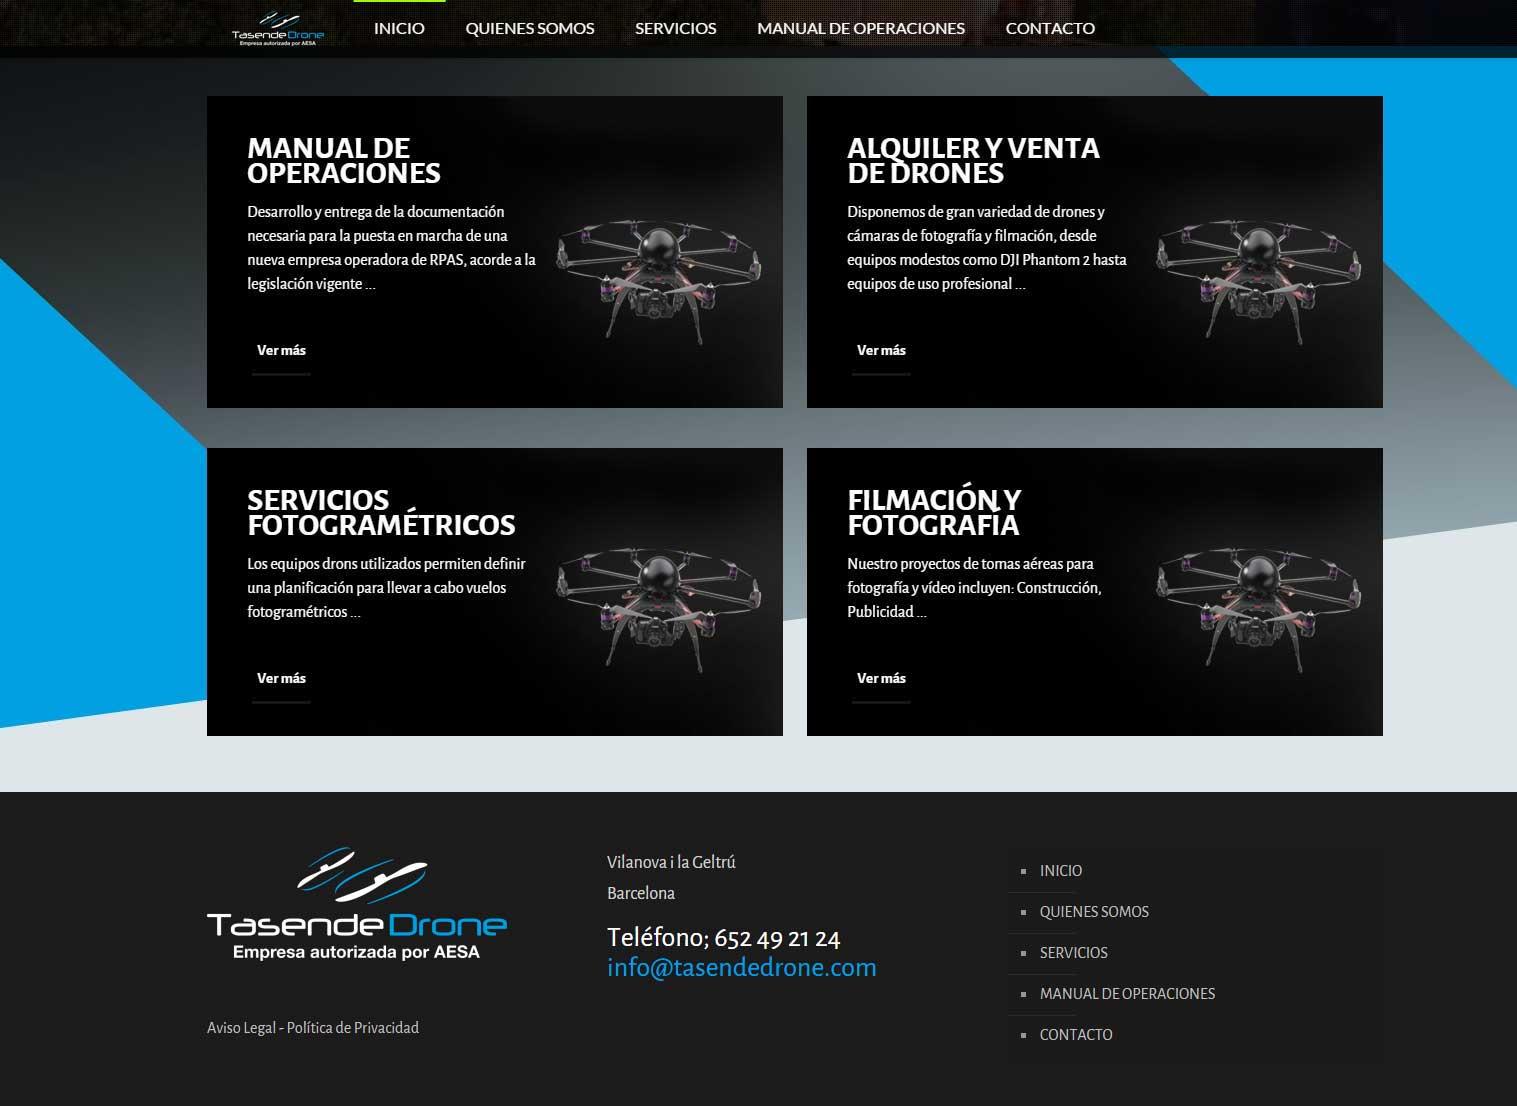 tasendedrone-pagina-web-drones-00